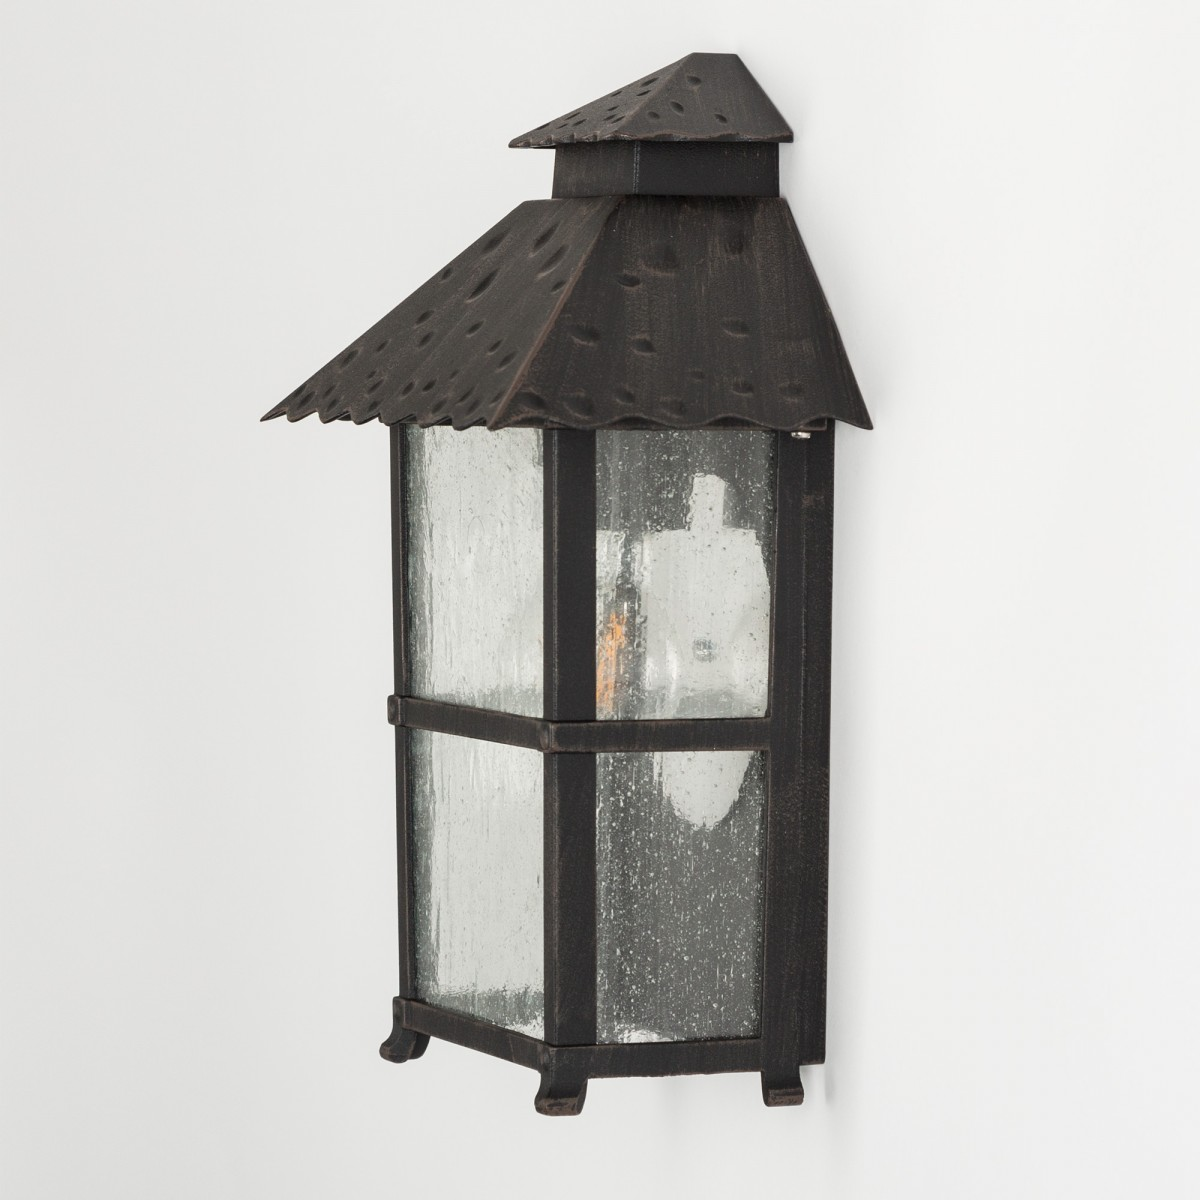 Nancy - Klassische Flache Aussenwandlampe Braun im Landhausstil